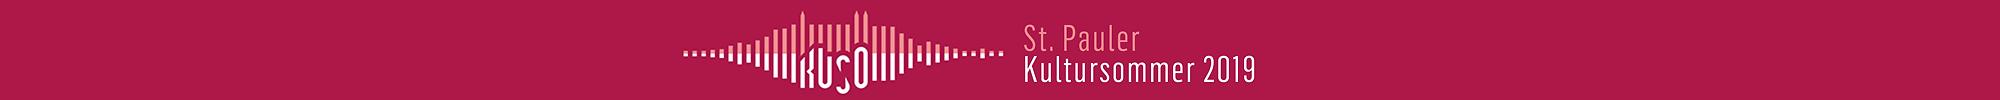 KUSO_WEB02_.png